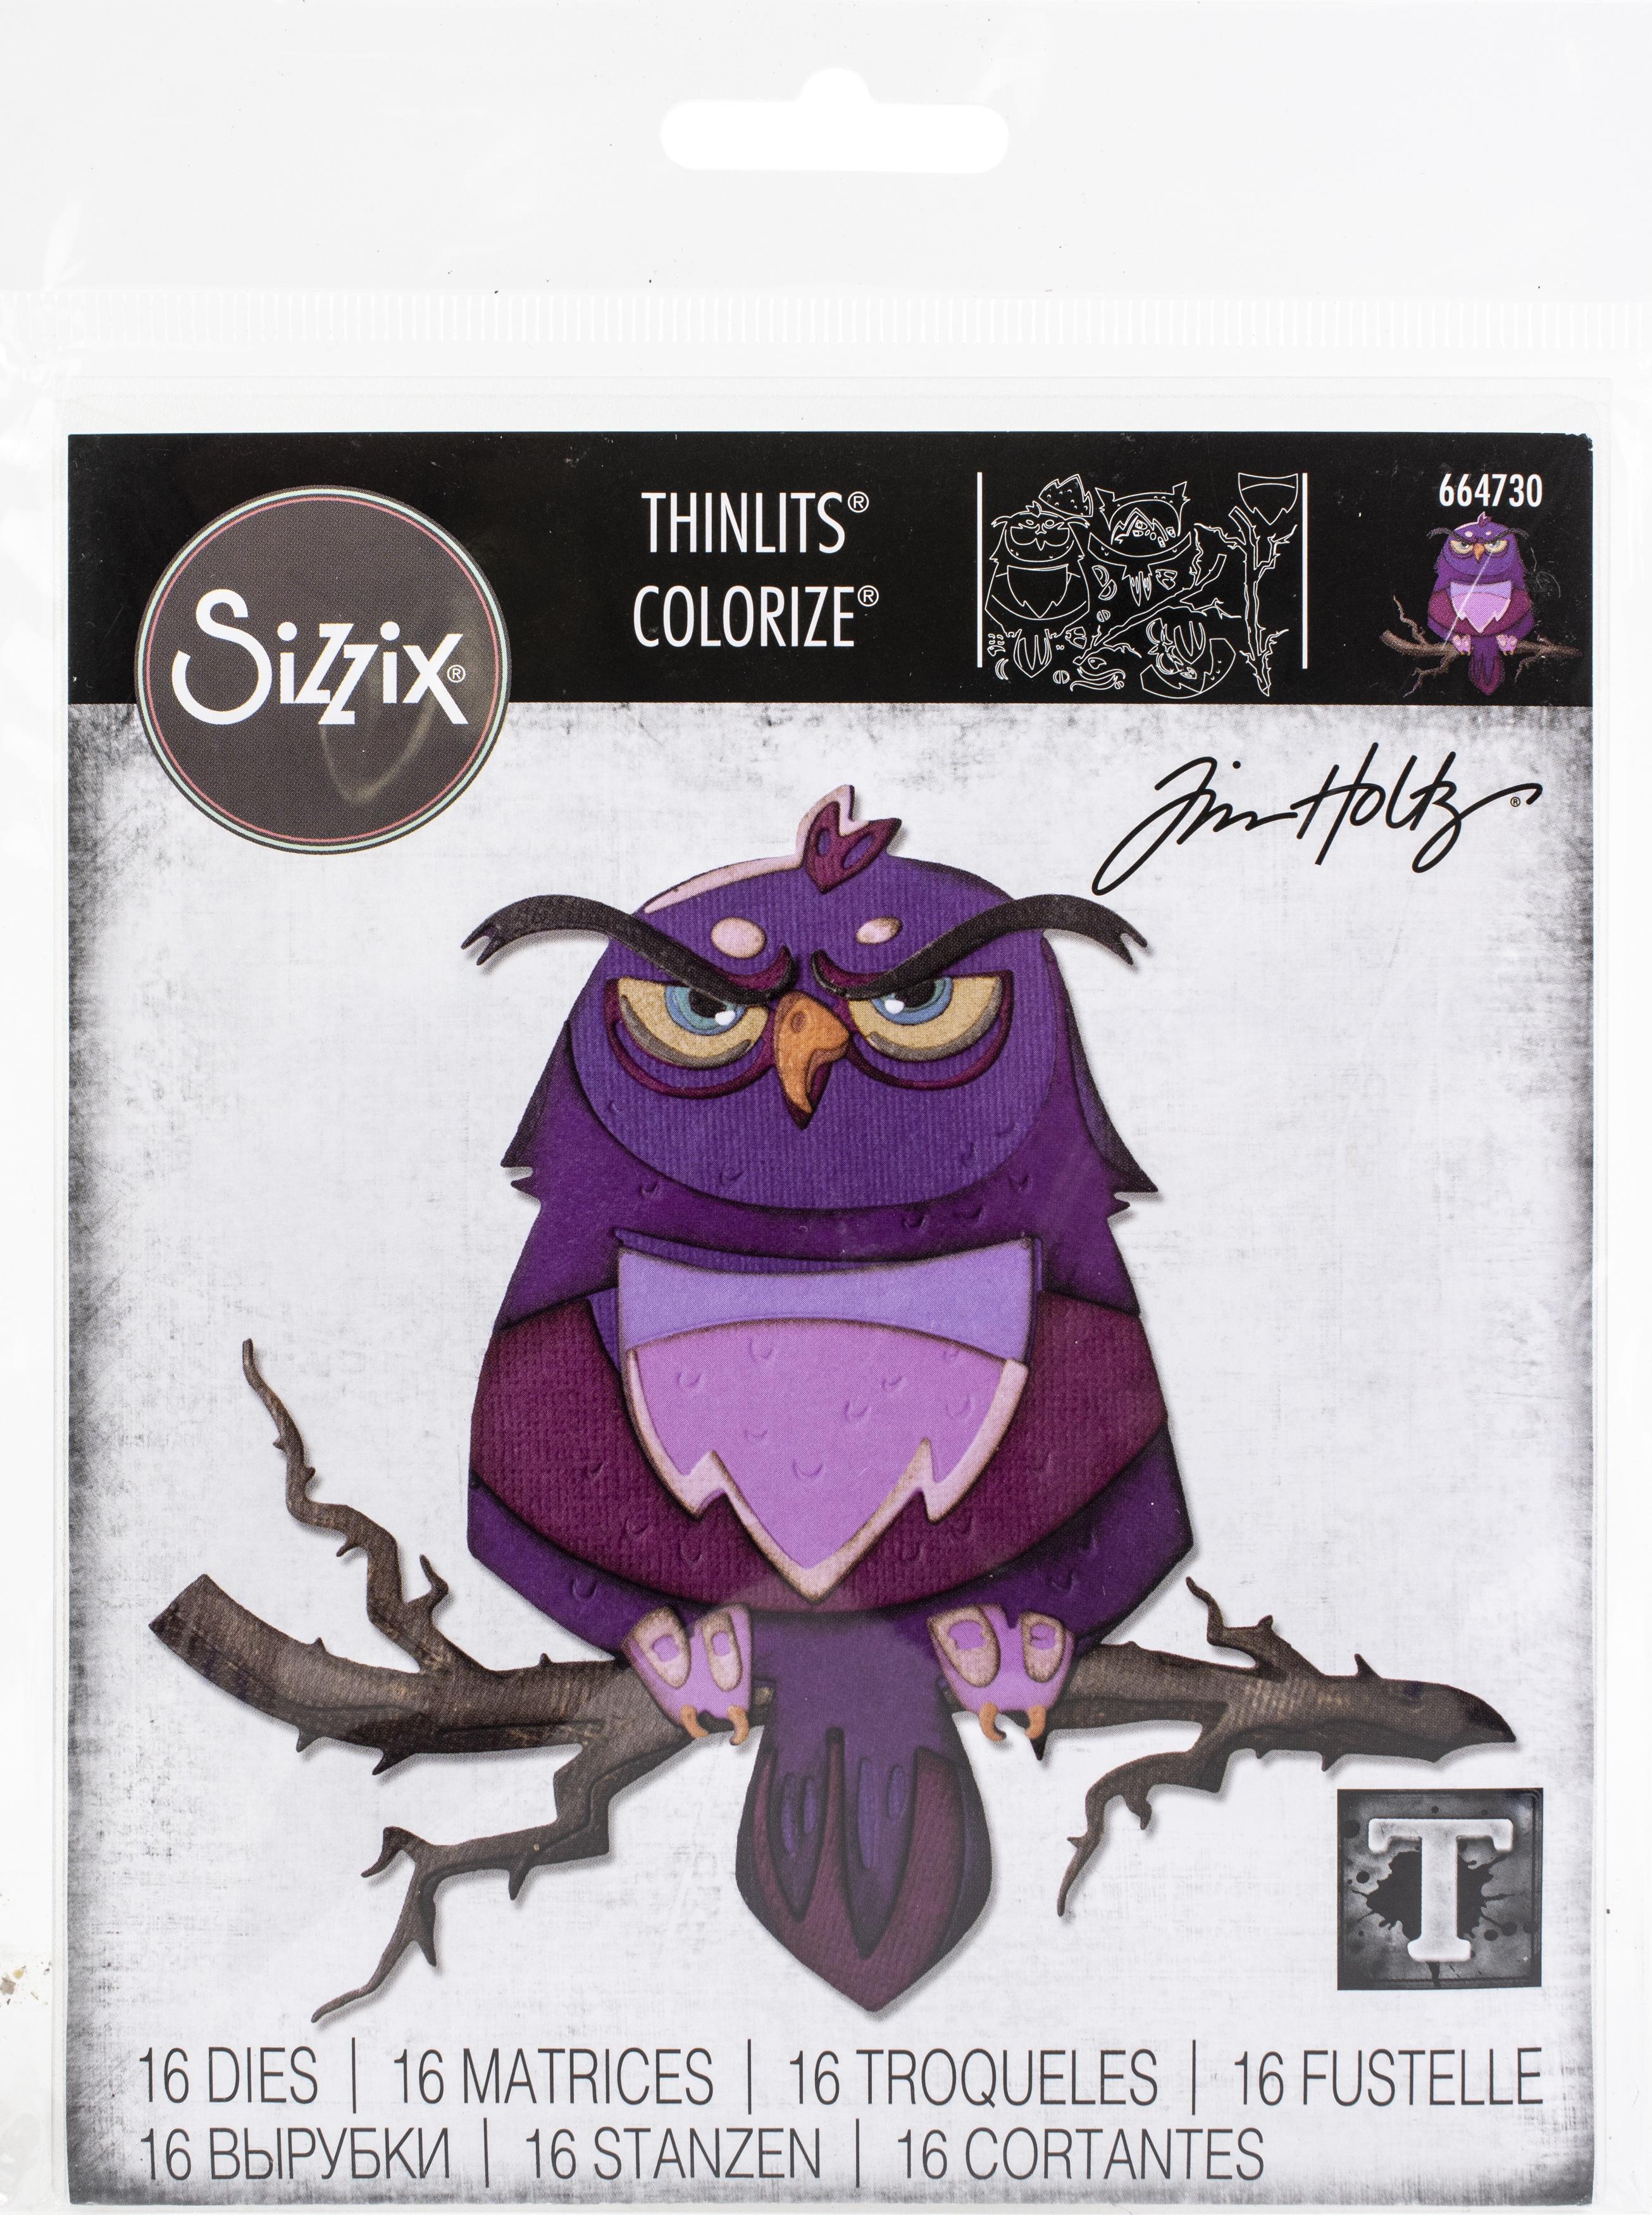 Sizzix Thinlits Dies By Tim Holtz - Arthur, Colorize